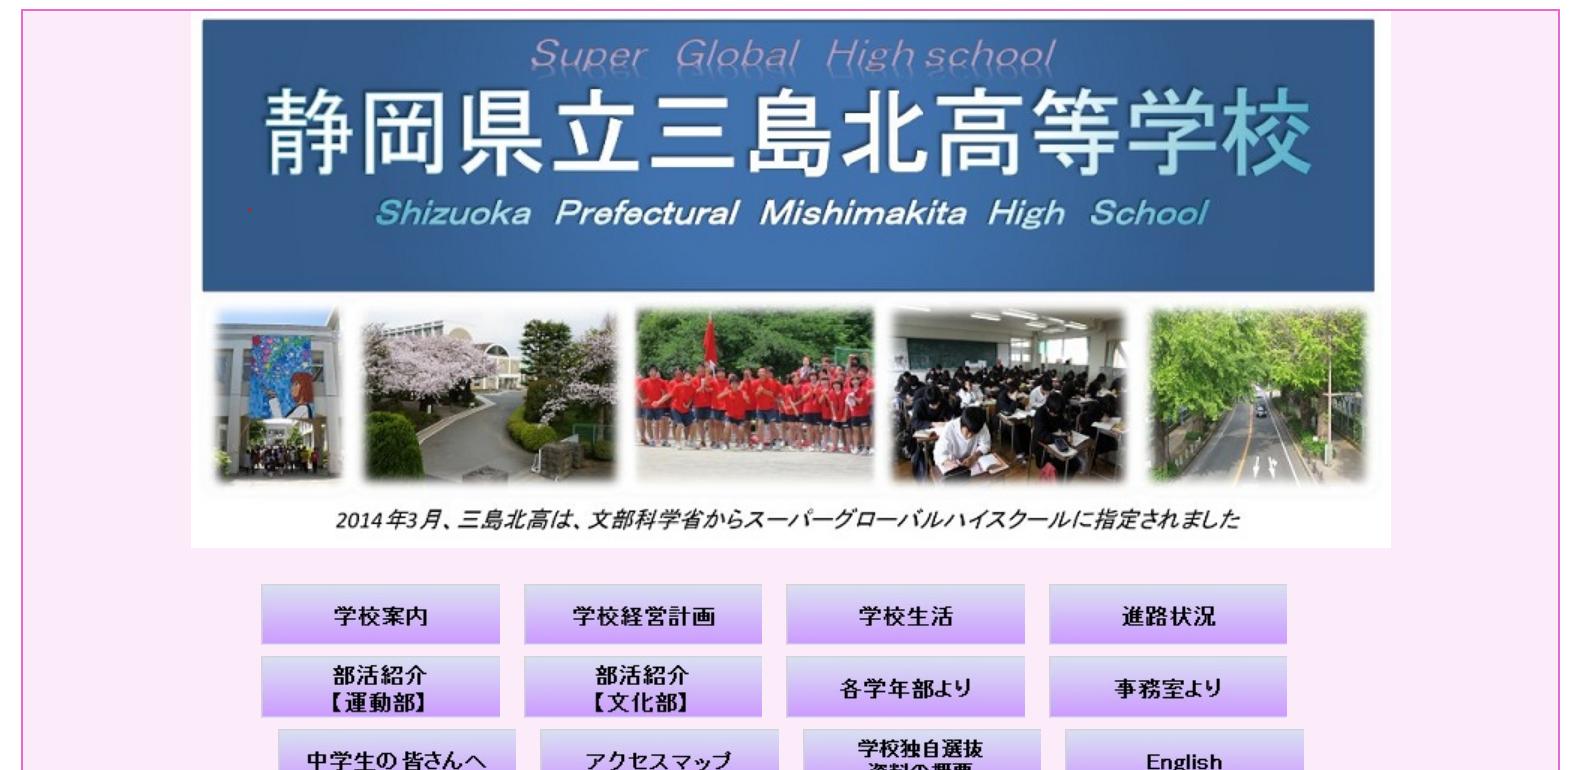 三島北高校の口コミ・評判